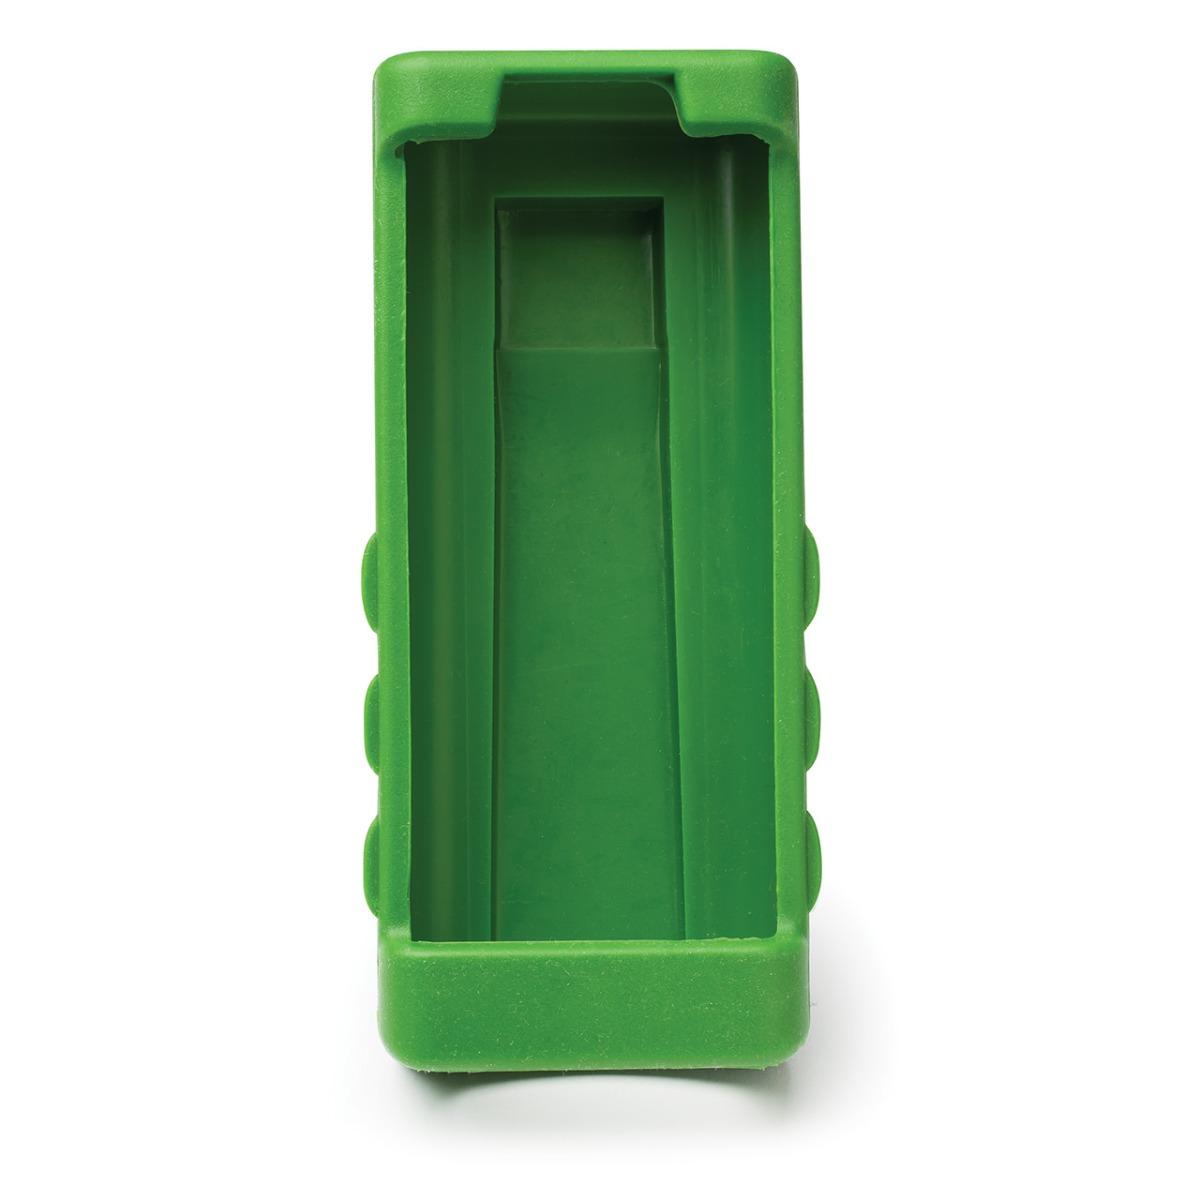 HI710025 Green Shockproof Rubber Boot for HI9814